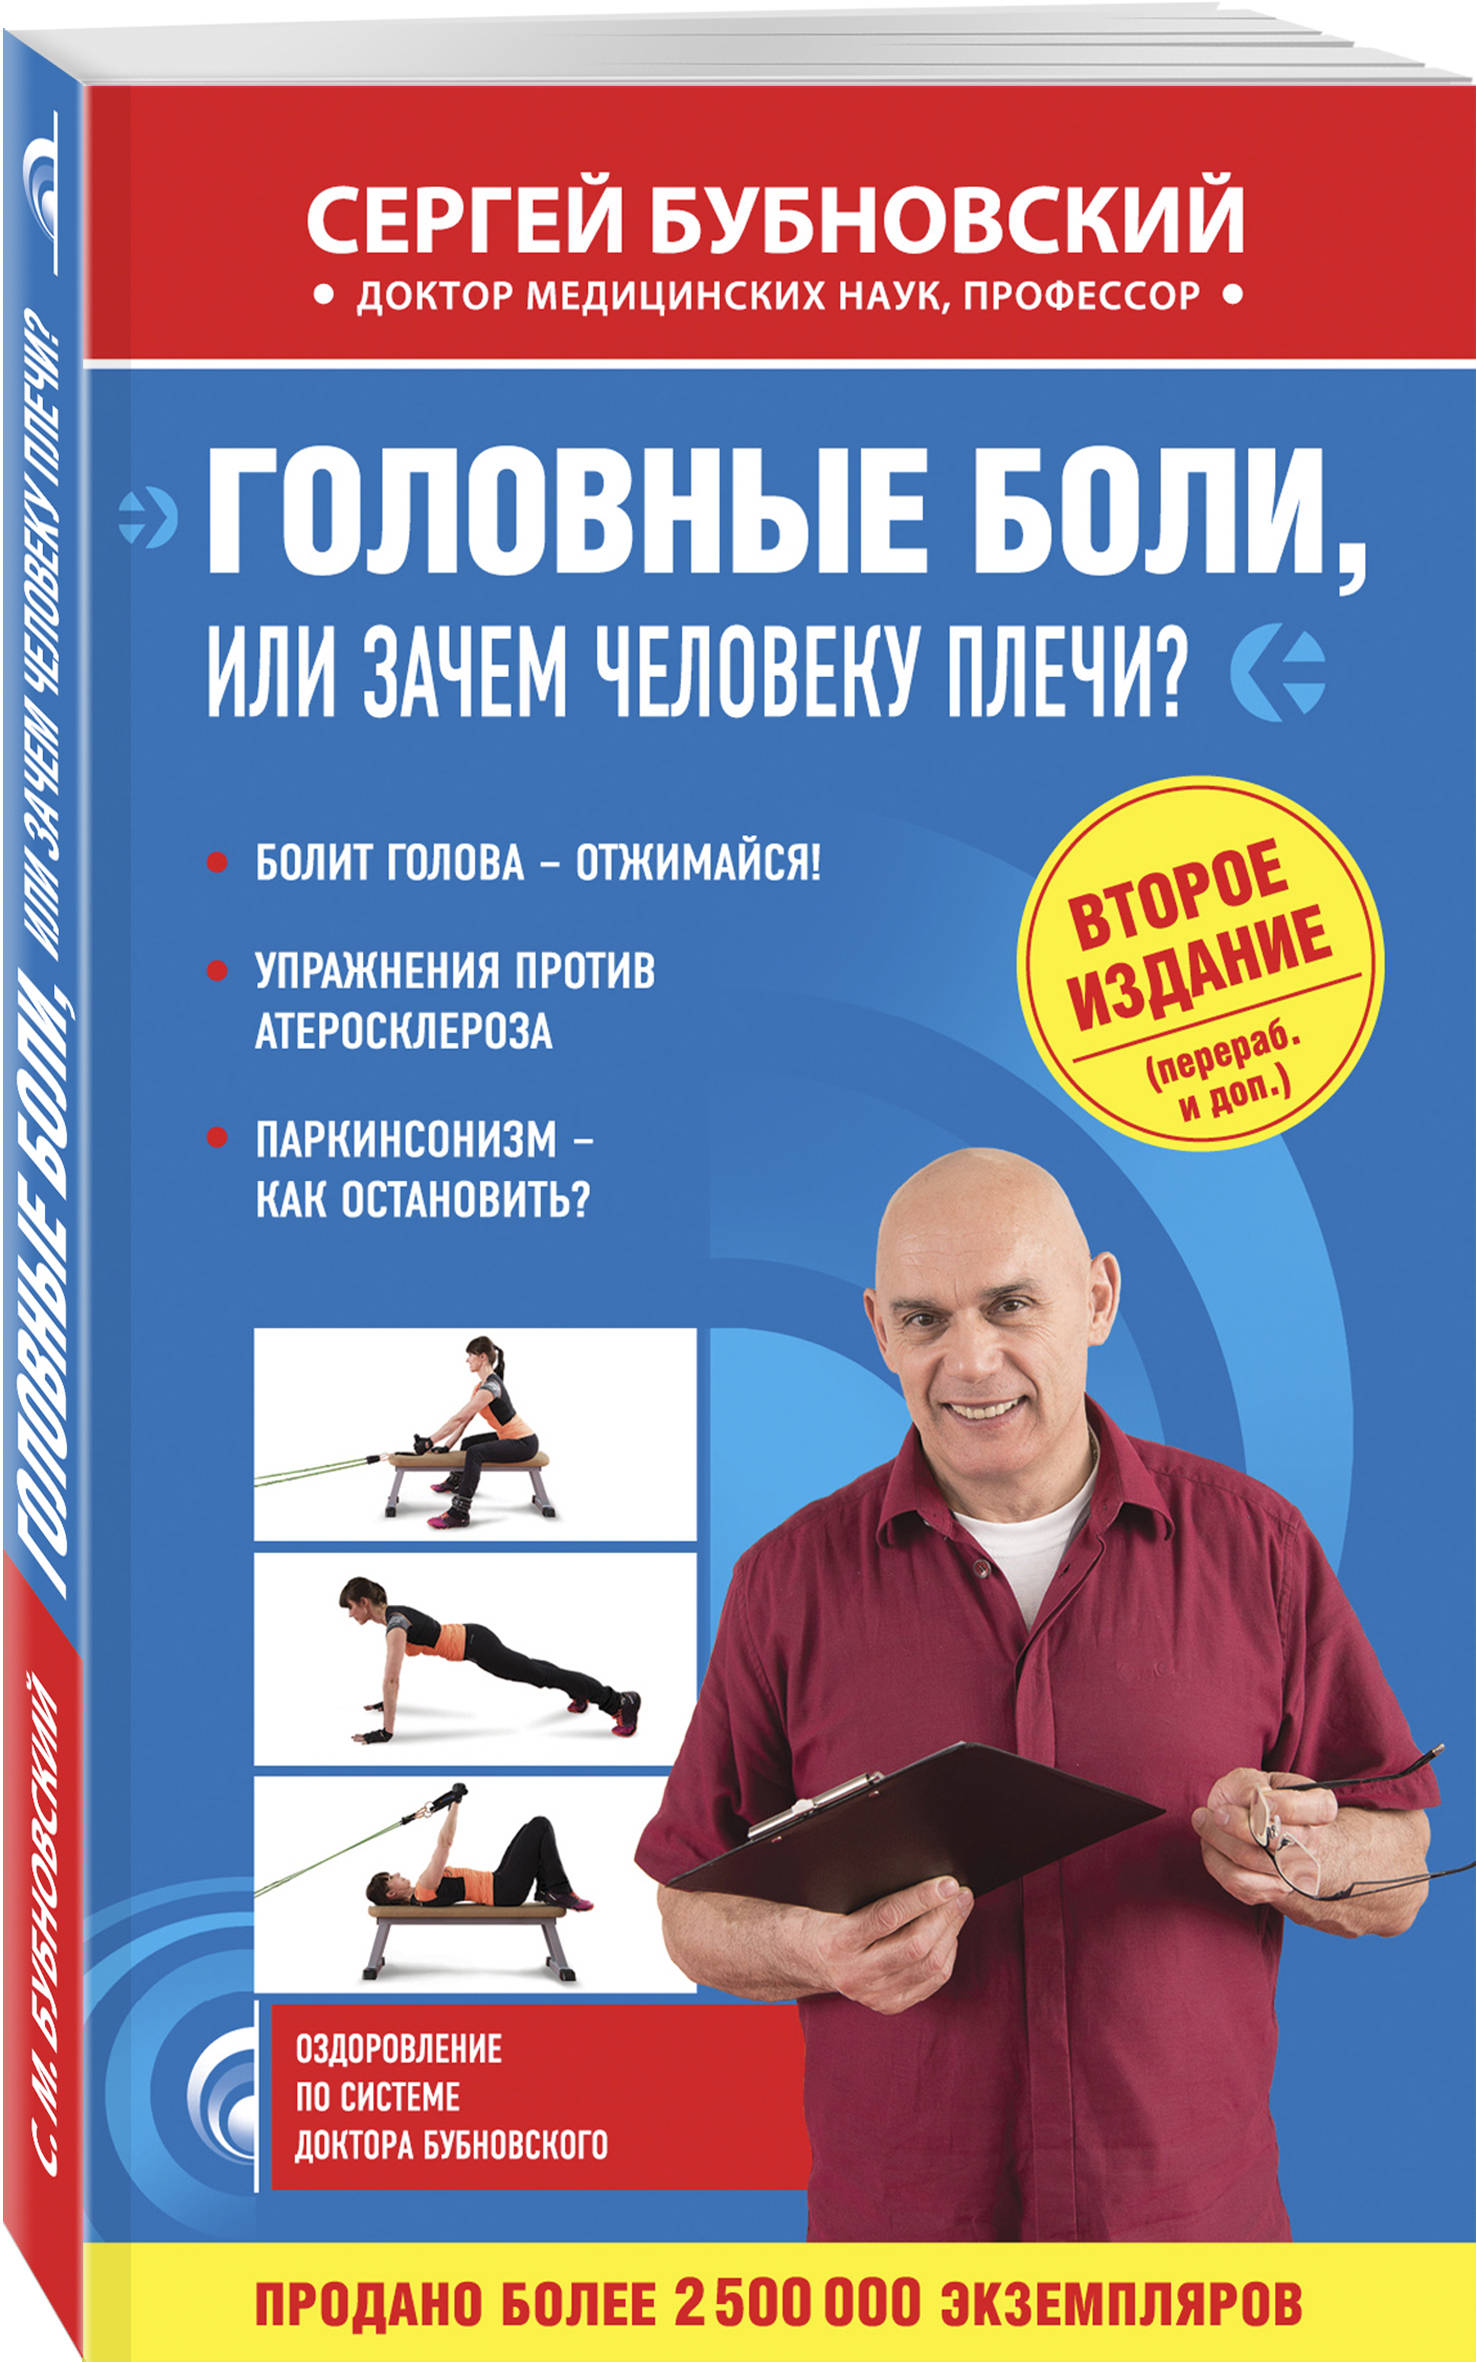 Головные боли, или Зачем человеку плечи? 2-е издание ( Сергей Бубновский  )